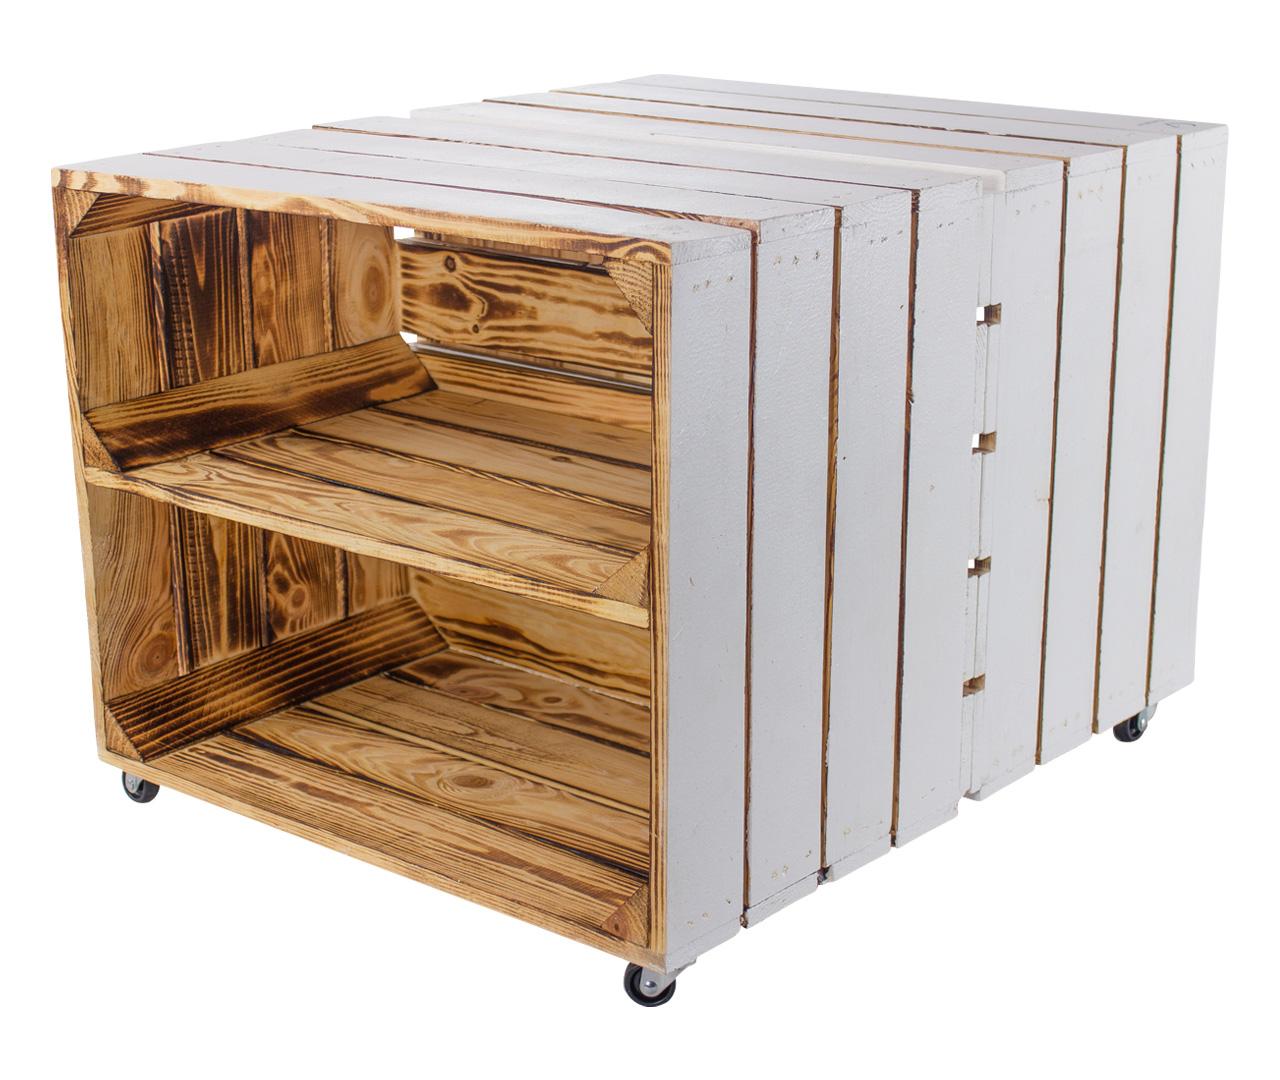 Beistelltisch aus weißen Kisten mit Regalbrett 50x40x60cm